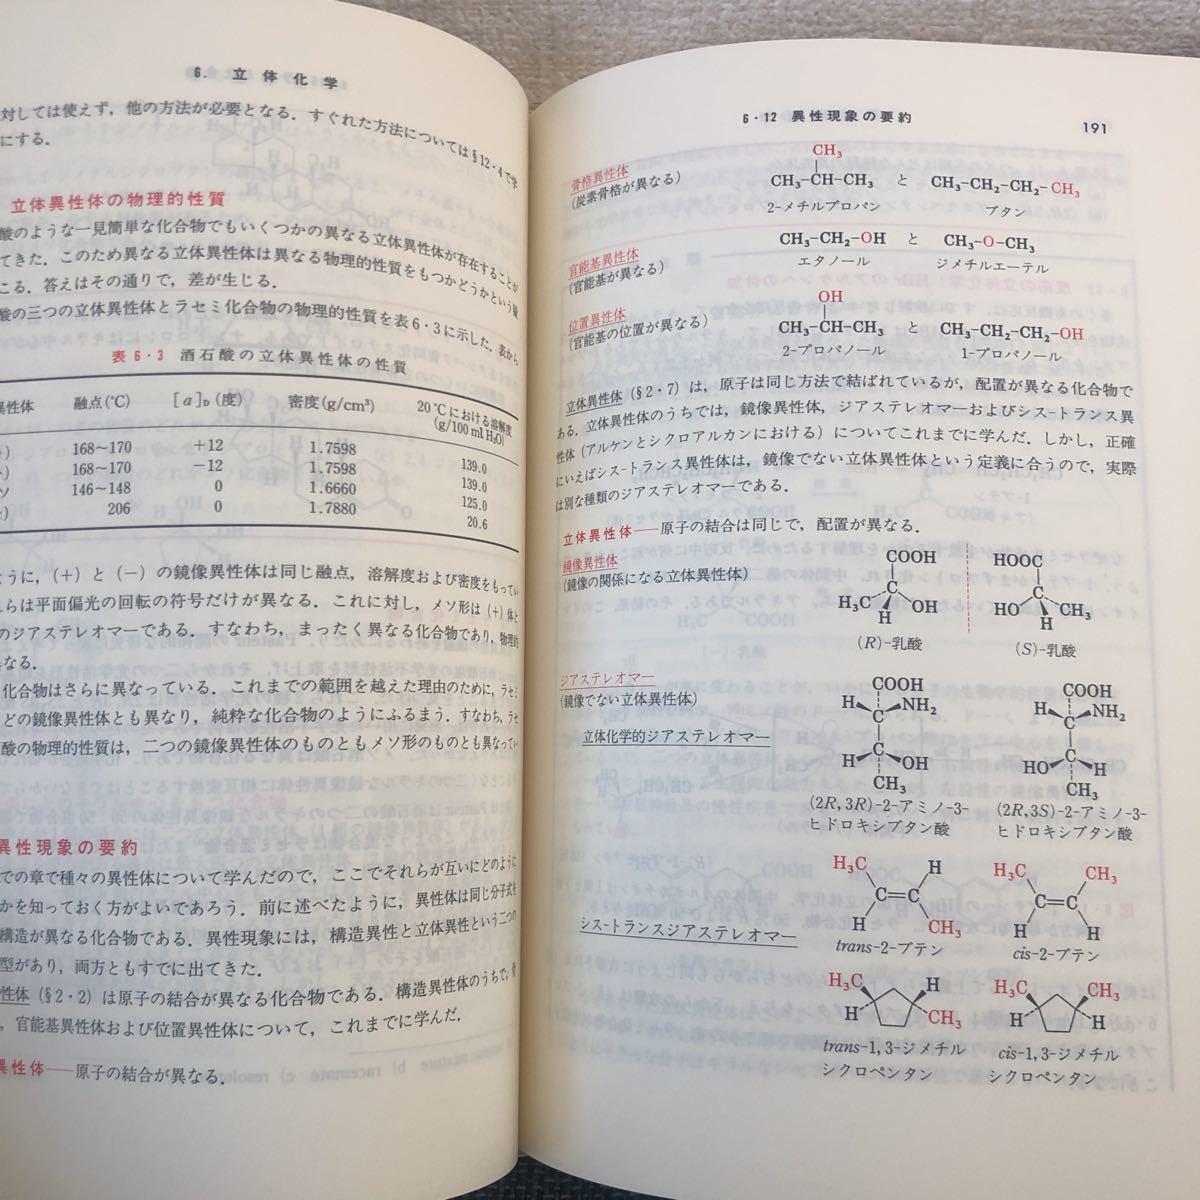 化学 マクマリー 有機 マクマリー生物有機化学[有機化学編] 原書8版